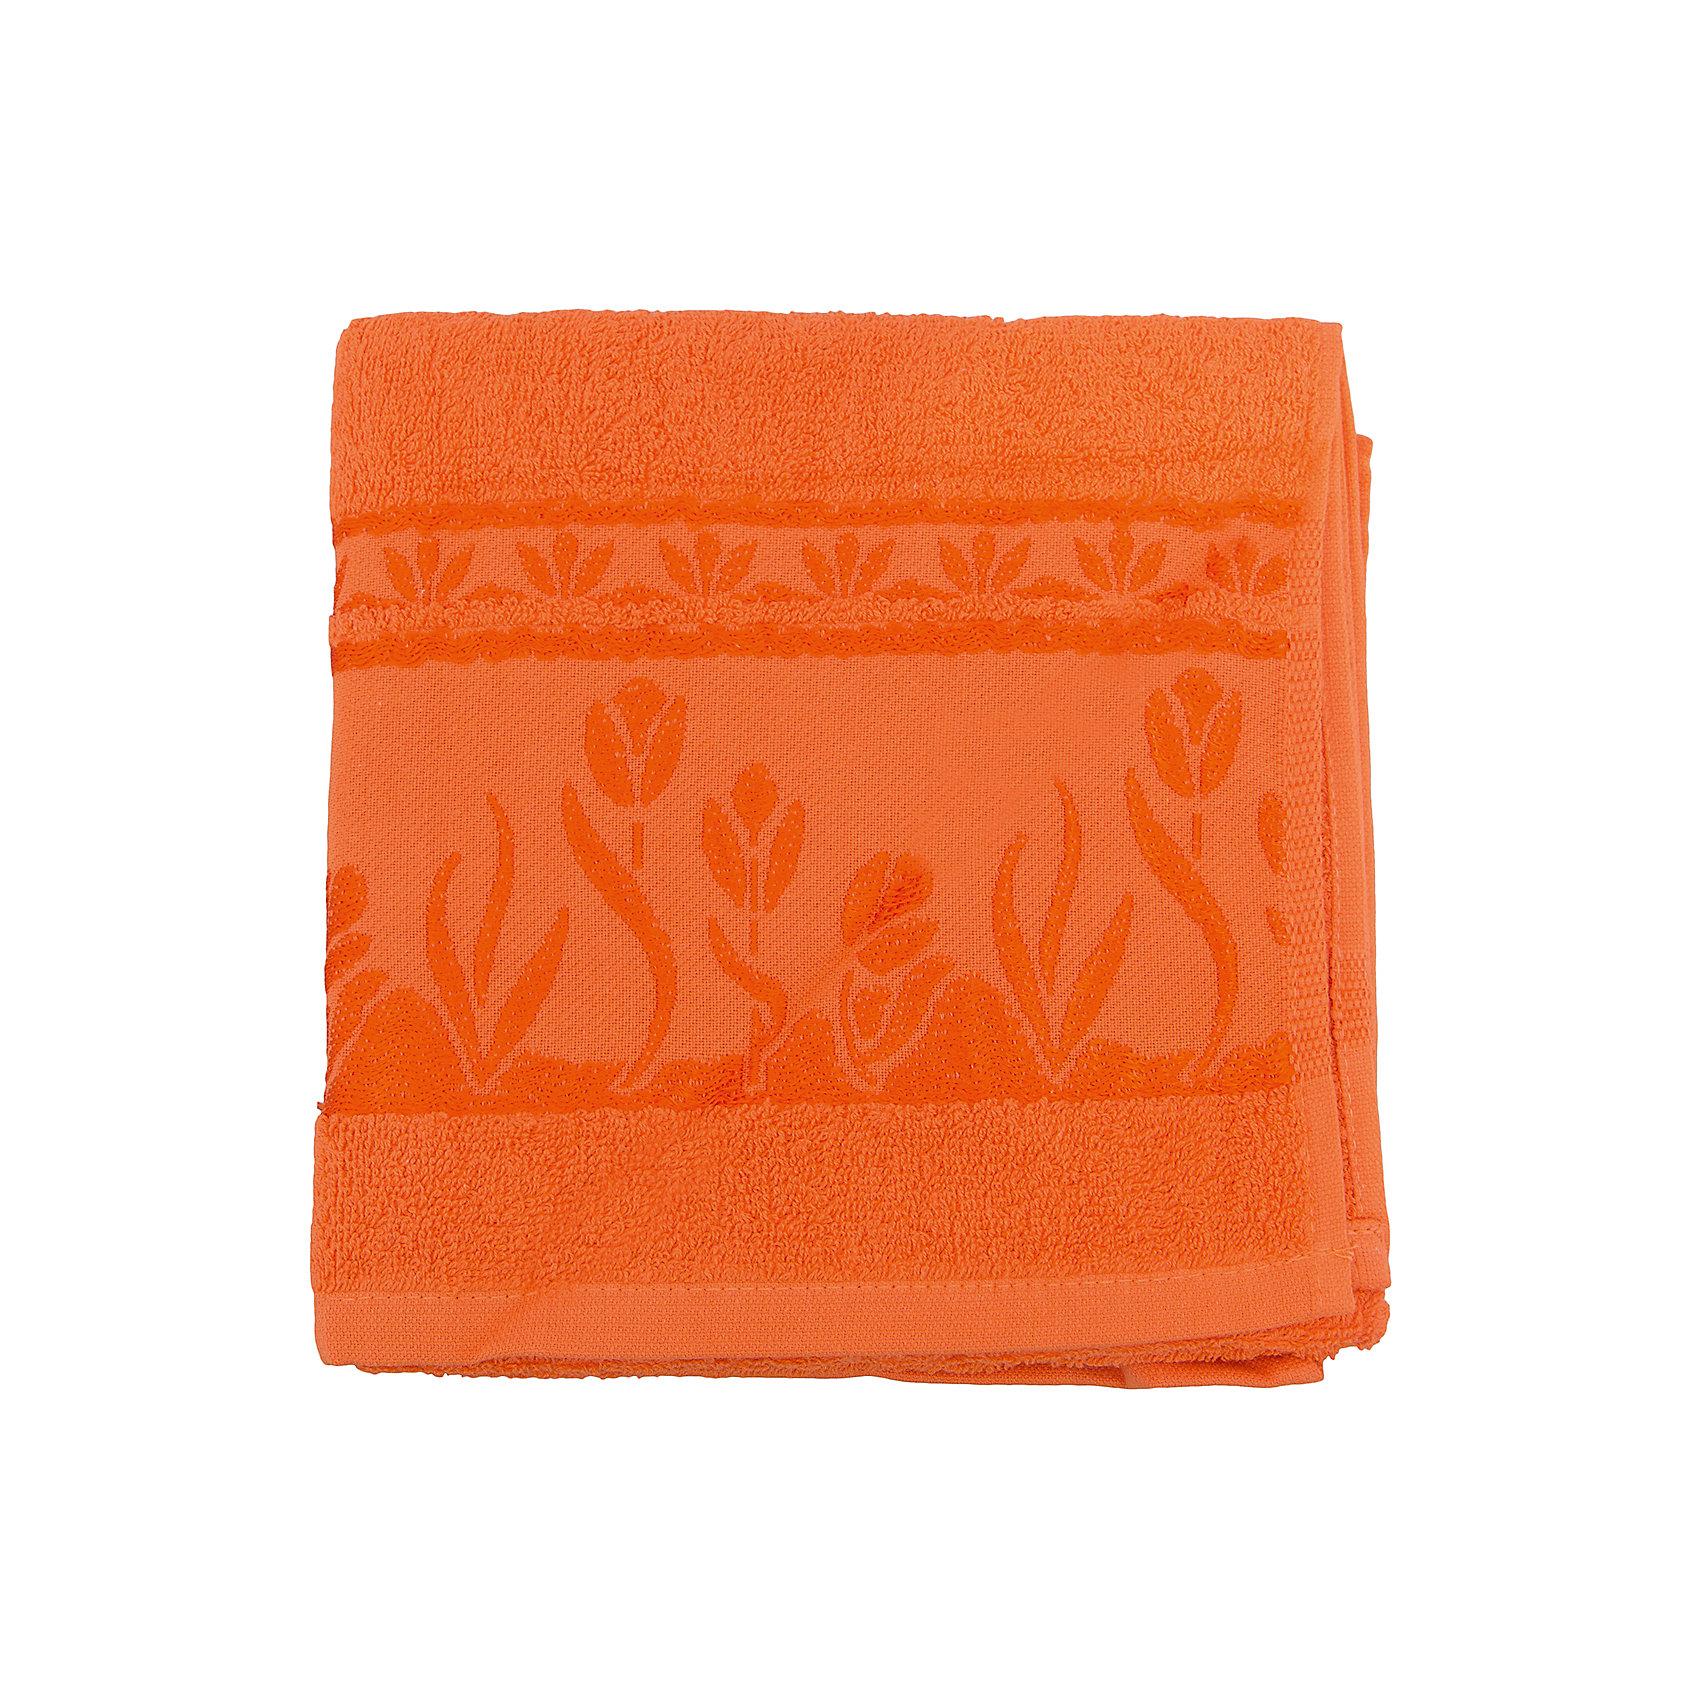 Полотенце махровое Tulips 50*100, Португалия, оранжевыйВанная комната<br>Tulips - махровое полотенце из натурального качественного хлопка. Она хорошо впитает влагу и подарит вам ощущение мягкости после водных процедур. Полотенце износостойкое и хорошо сохраняет цвет. Украшено жаккардовым узором. <br><br>Дополнительная информация:<br>Материал: 100% хлопок<br>Плотность: 500 г/м2<br>Размер: 50х100 см<br>Цвет: оранжевый<br>Торговая марка: Португалия<br><br>Вы можете приобрести махровое полотенце Tulips  в нашем интернет-магазине.<br><br>Ширина мм: 500<br>Глубина мм: 500<br>Высота мм: 200<br>Вес г: 350<br>Возраст от месяцев: 0<br>Возраст до месяцев: 144<br>Пол: Унисекс<br>Возраст: Детский<br>SKU: 5010947